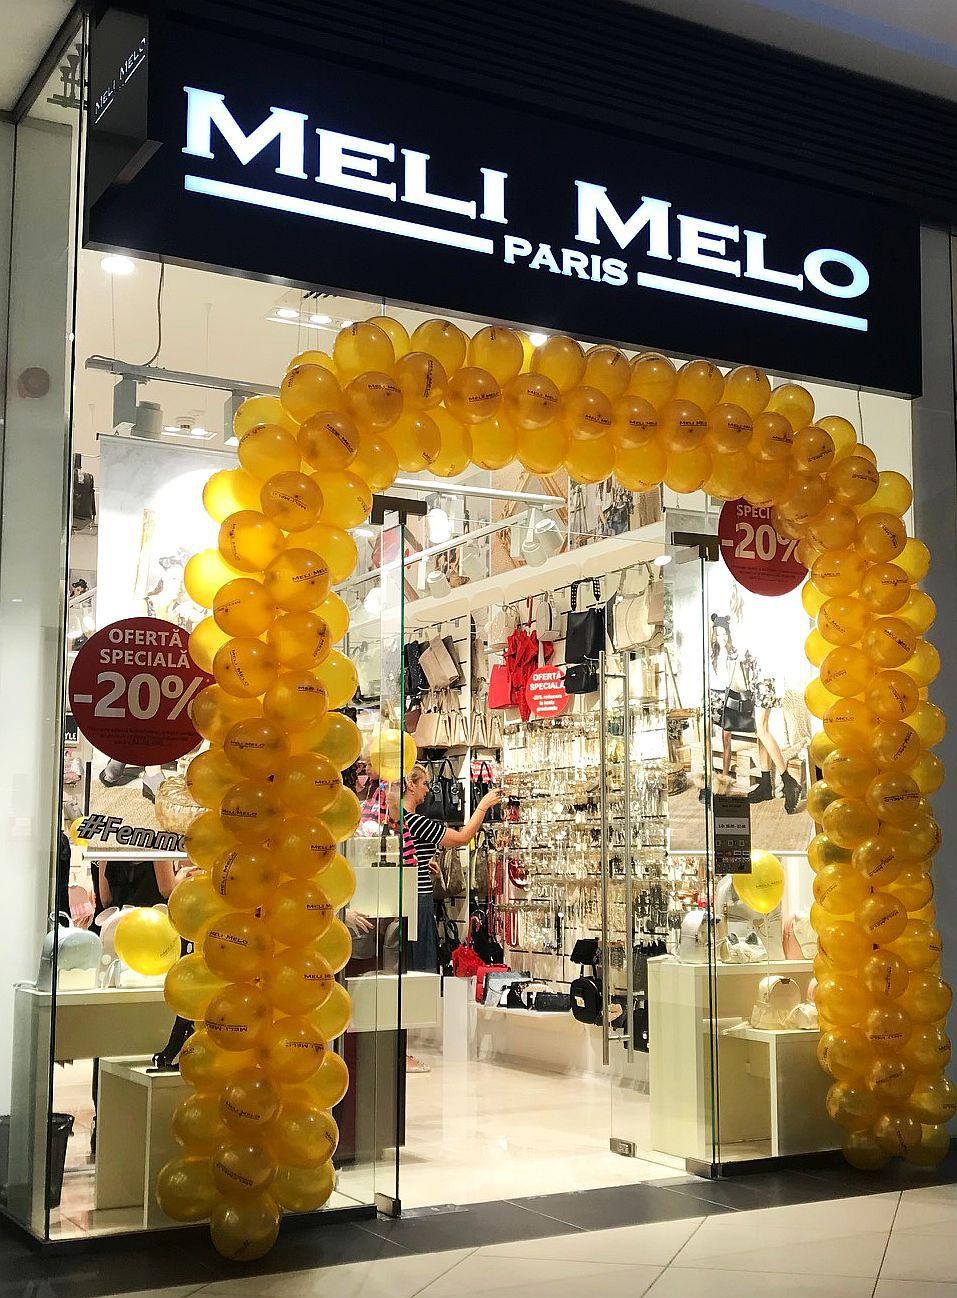 Retailerul de accesorii Meli Melo Paris intră pe piaţa francizelor şi inaugureză la Târgu Jiu primul său magazin de acest tip